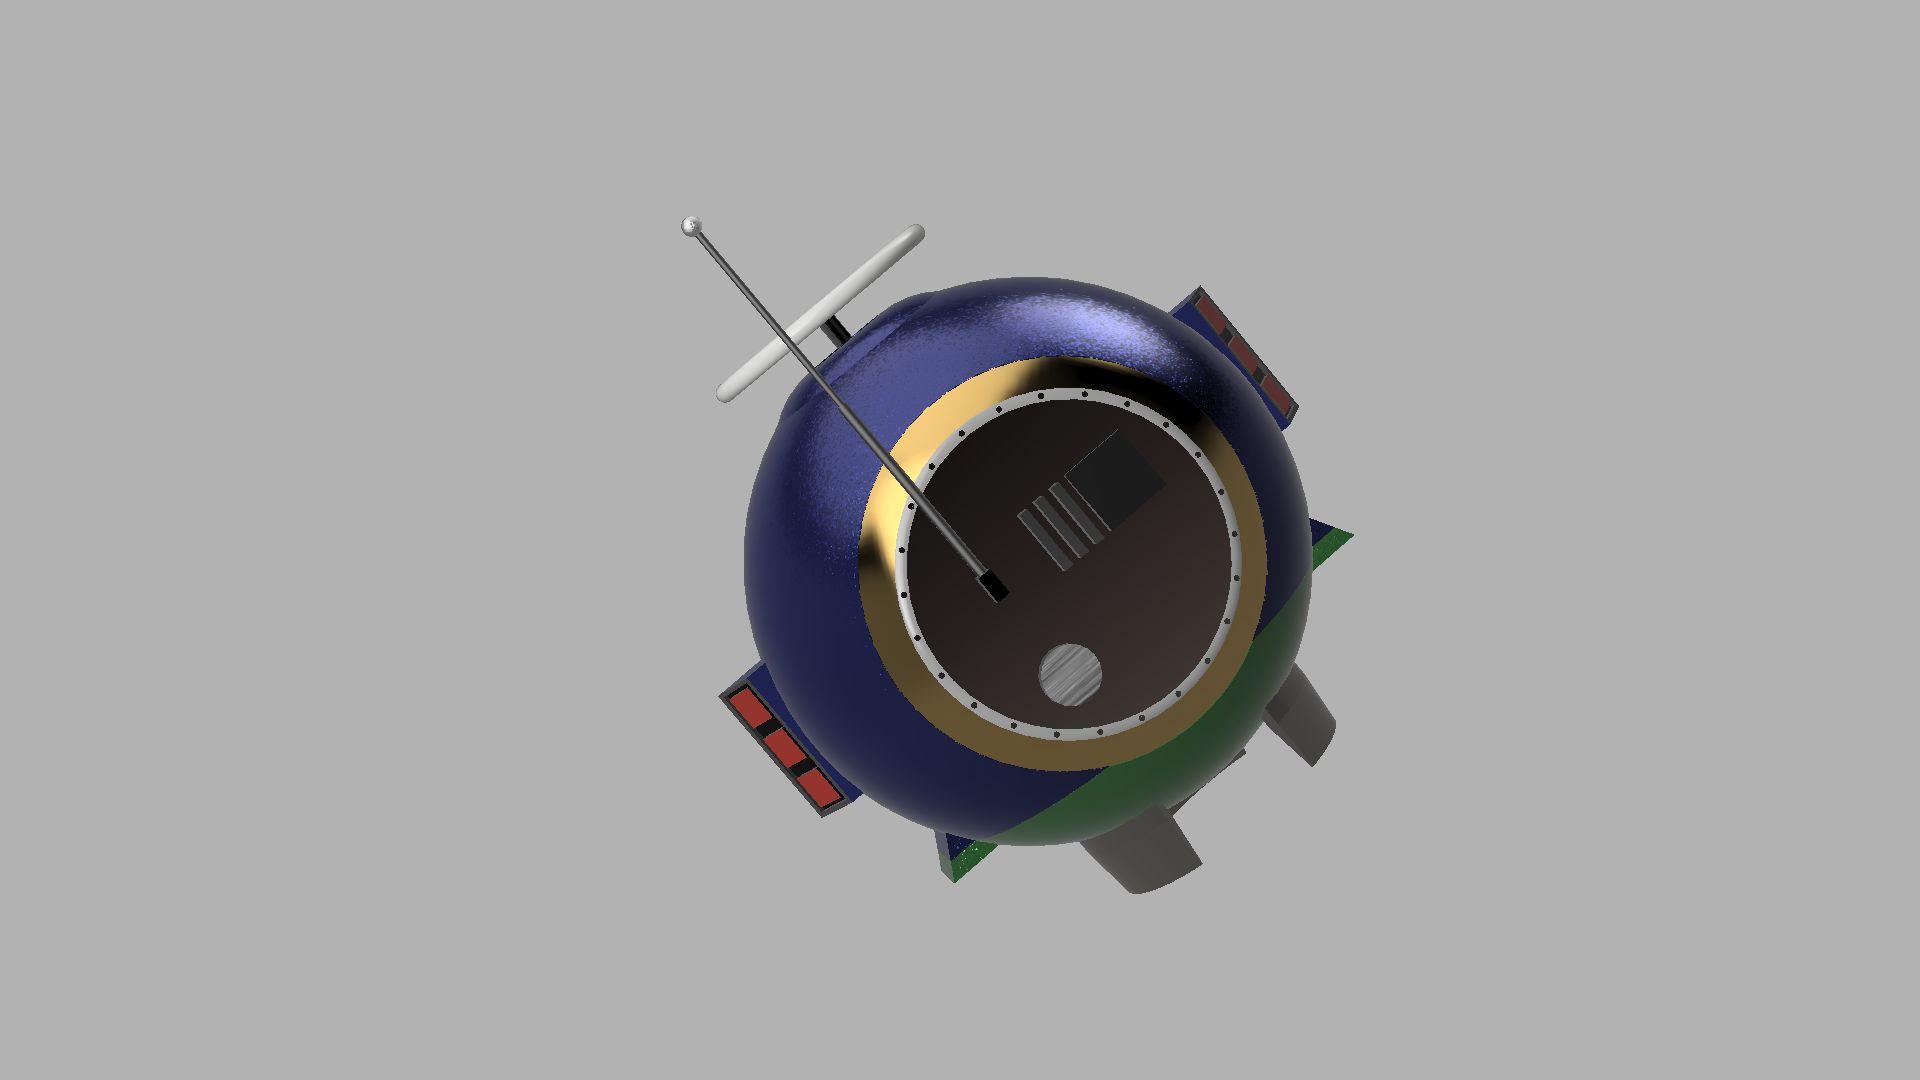 Djgfnfxg-3500-3500